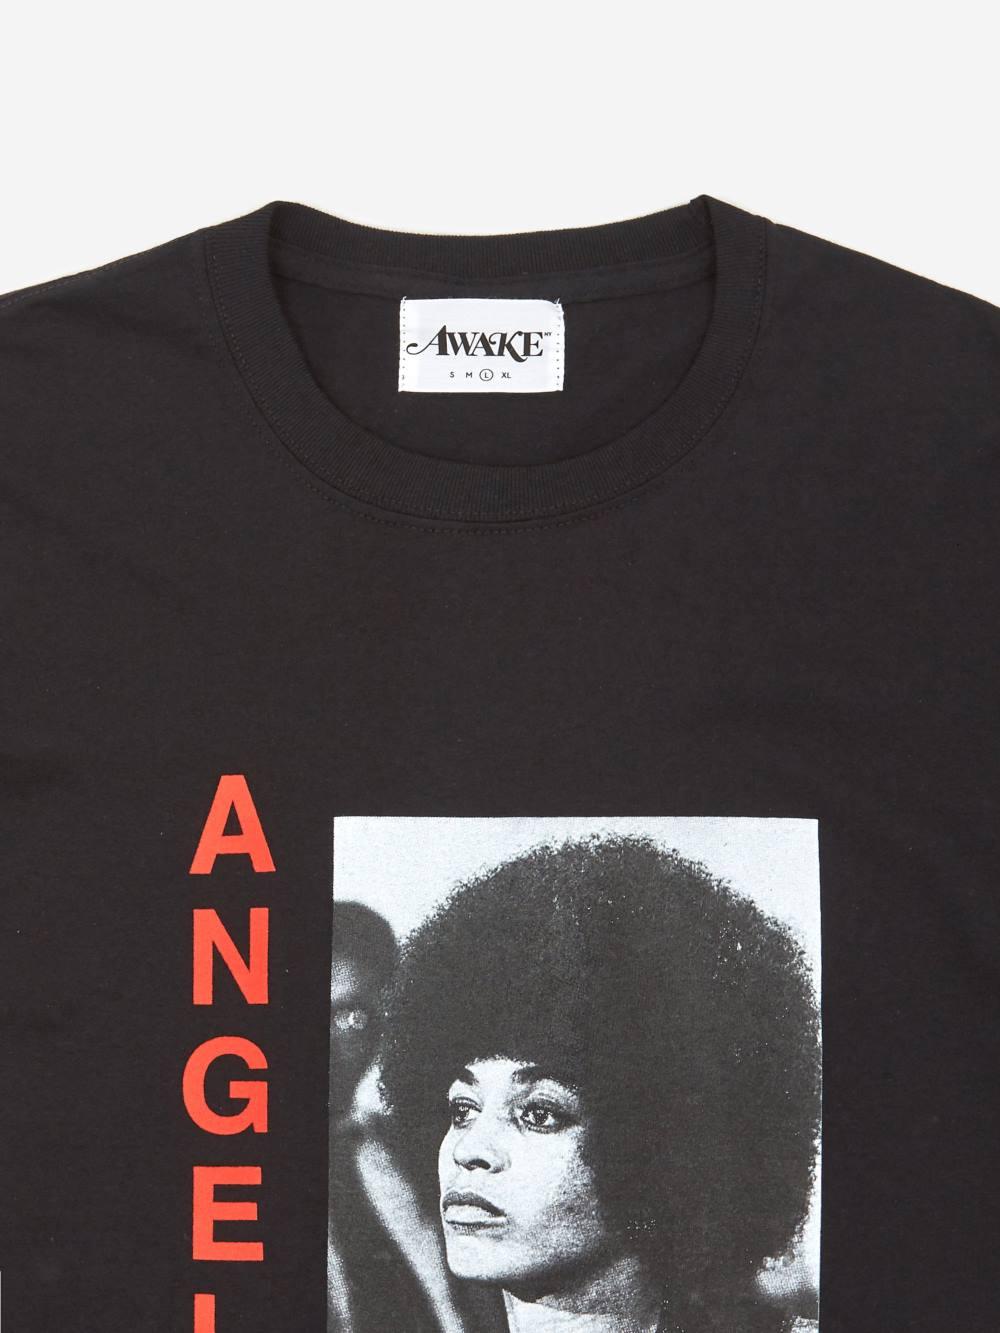 Awake Angela Davis T shirt Black 2